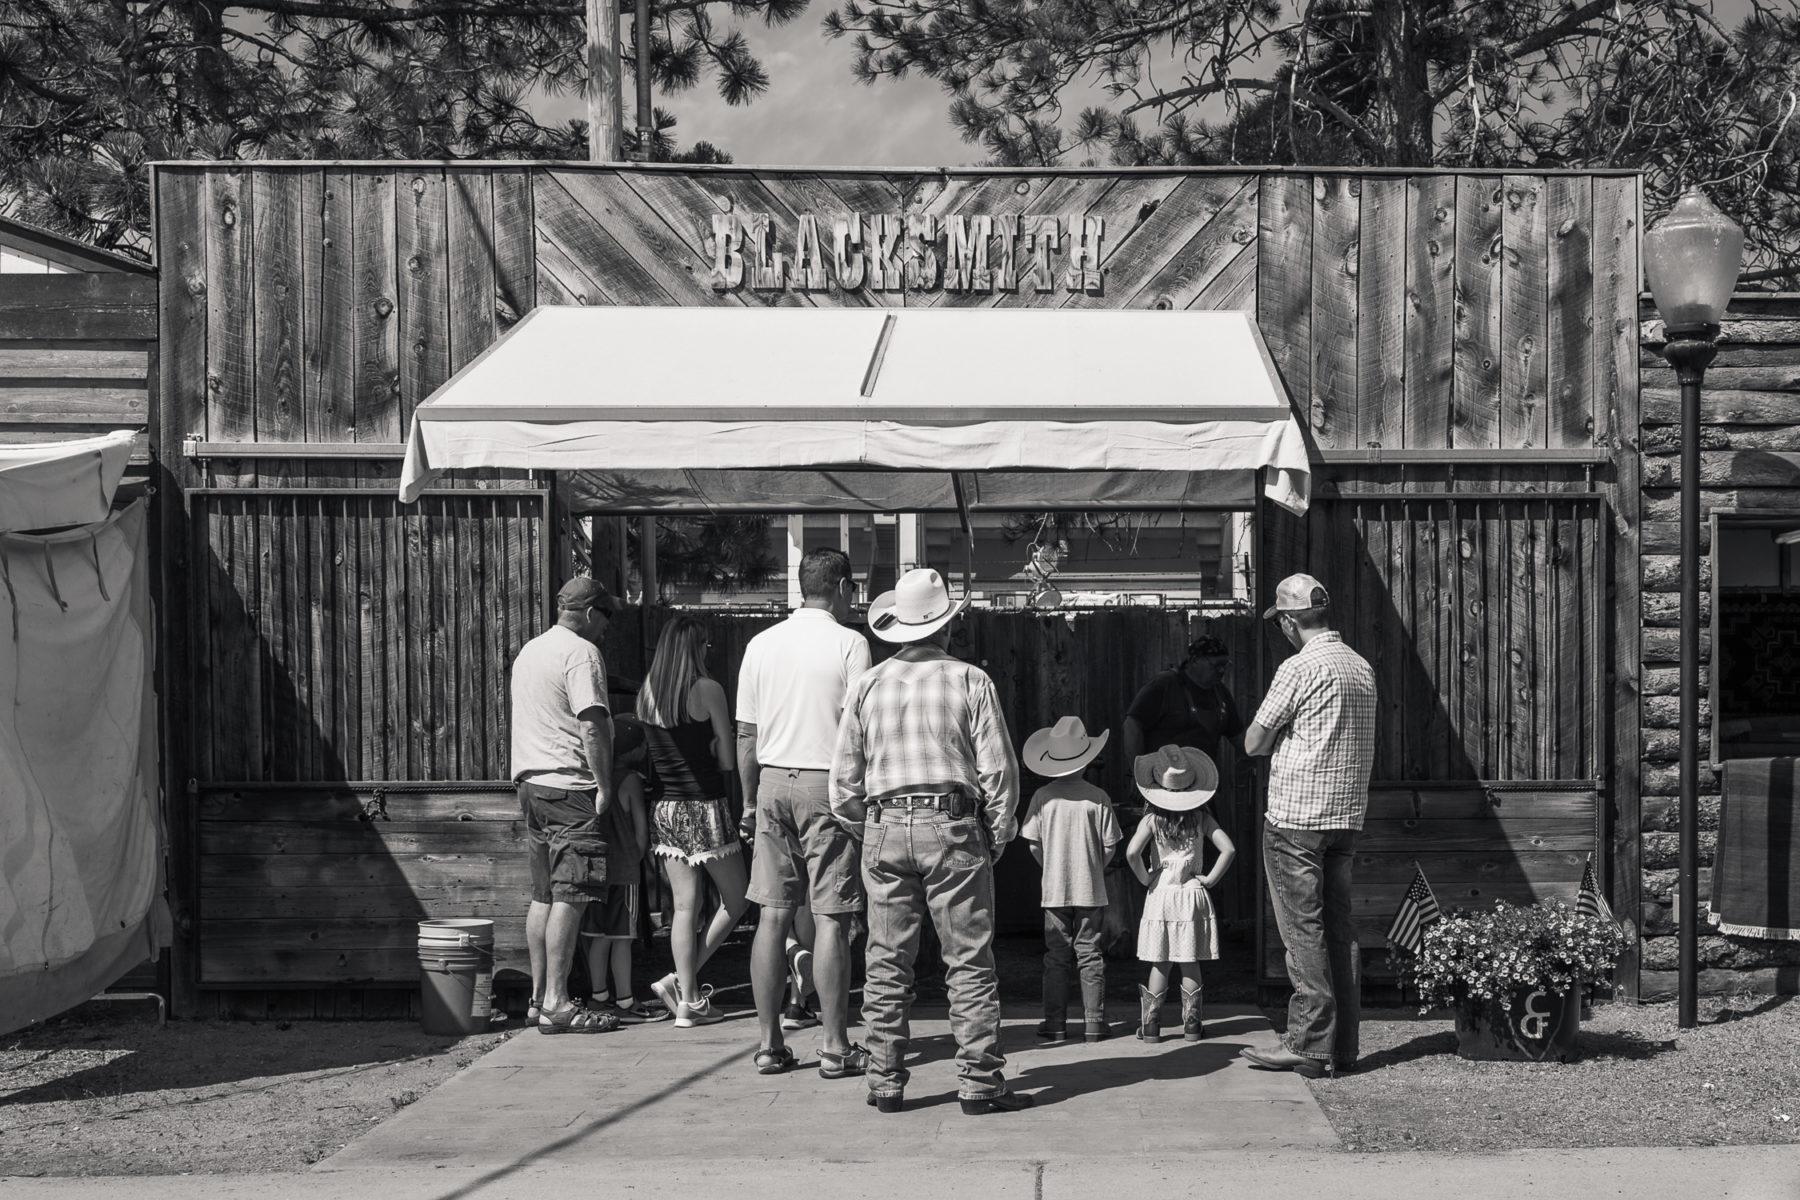 blacksmith shop at Cheyenne Frontier Days